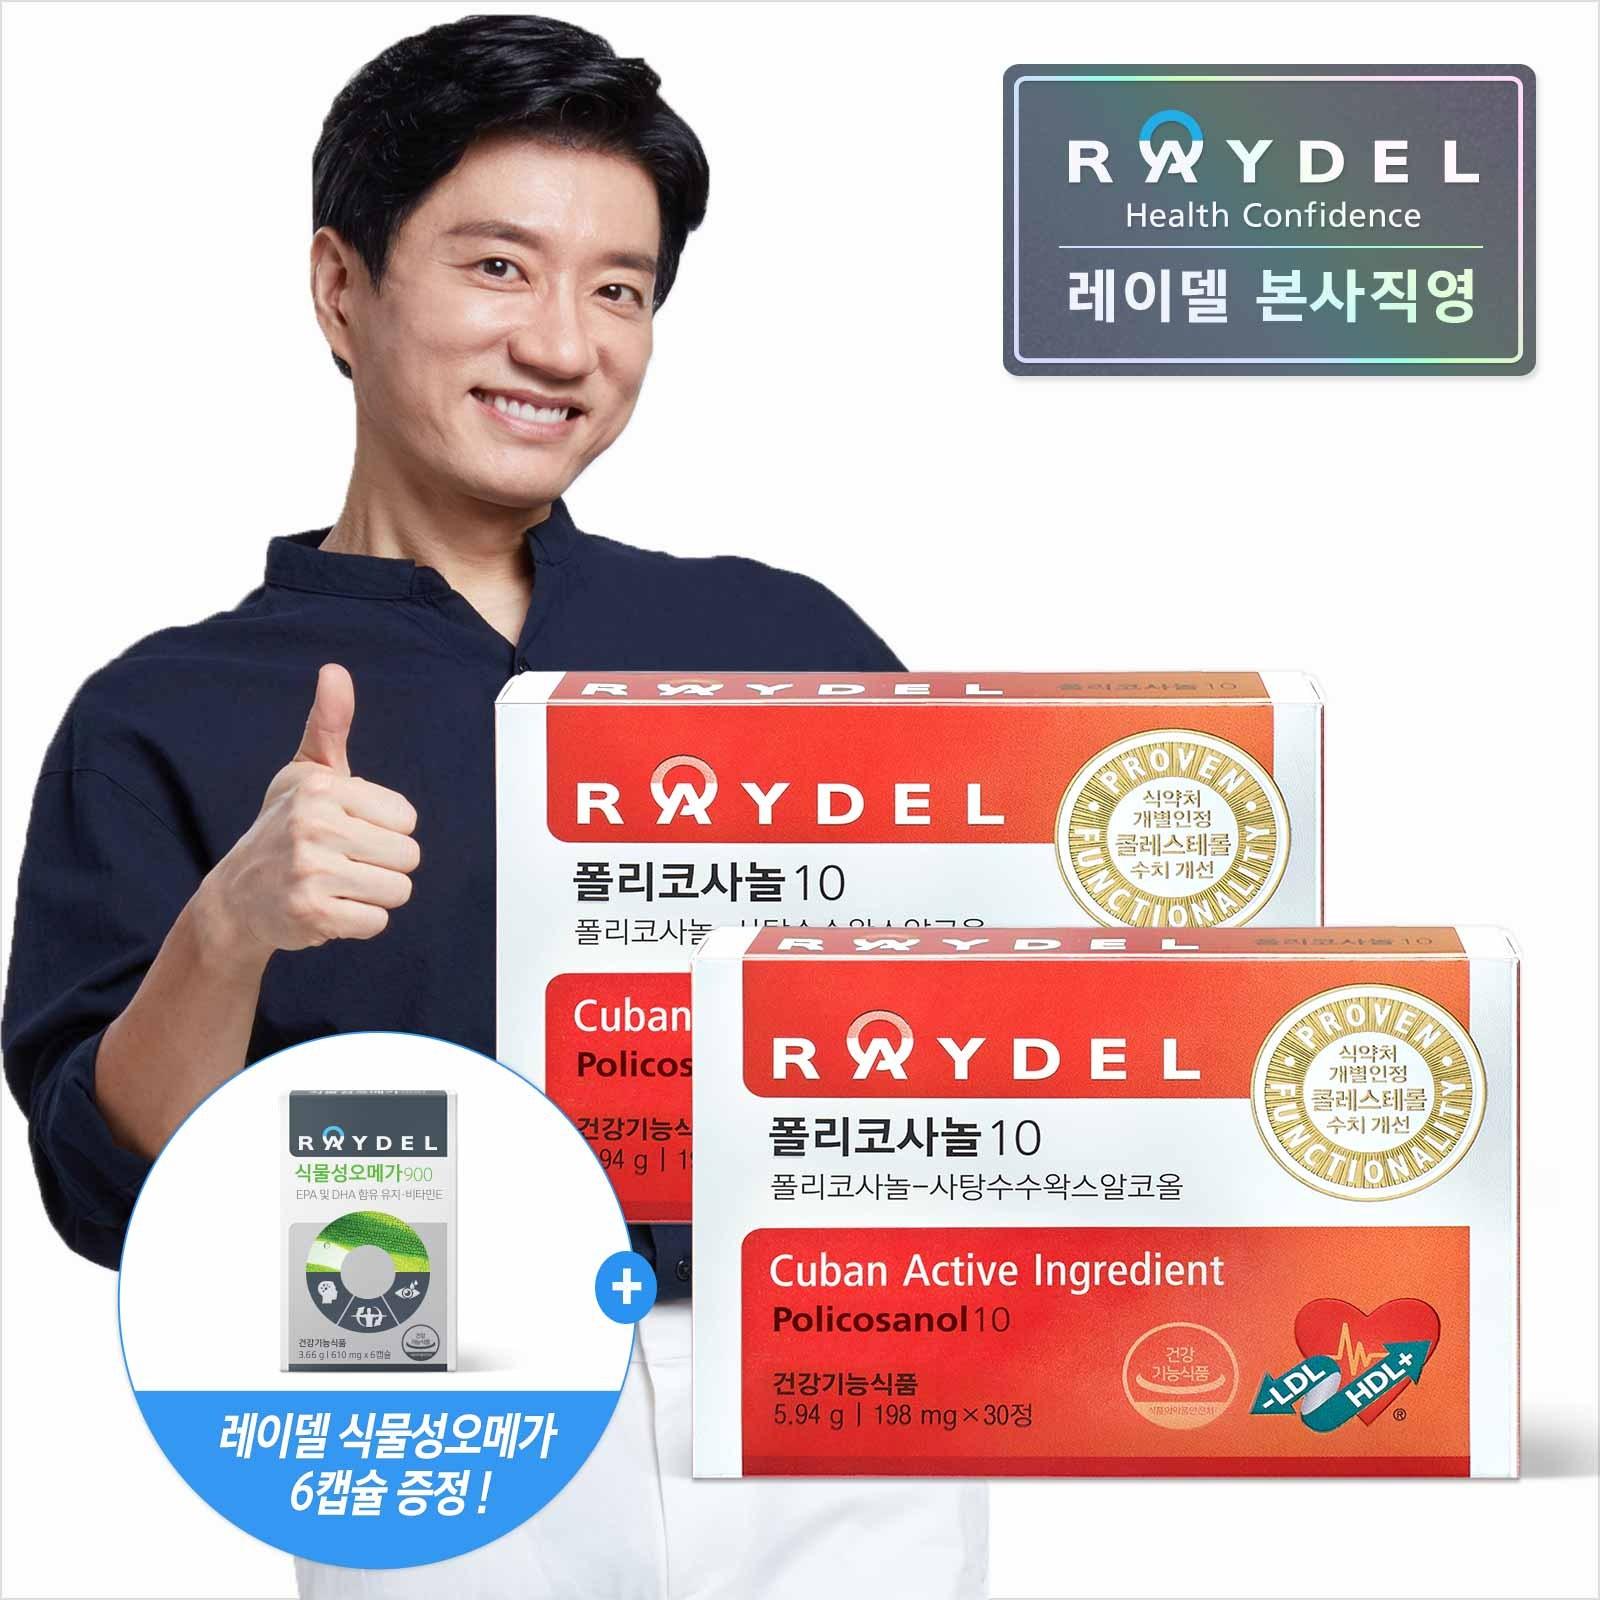 레이델 [1정당 폴리코사놀10mg]폴리코사놀10 (30정) x 2#식물성오메가6캡슐증정, 2개, 30정